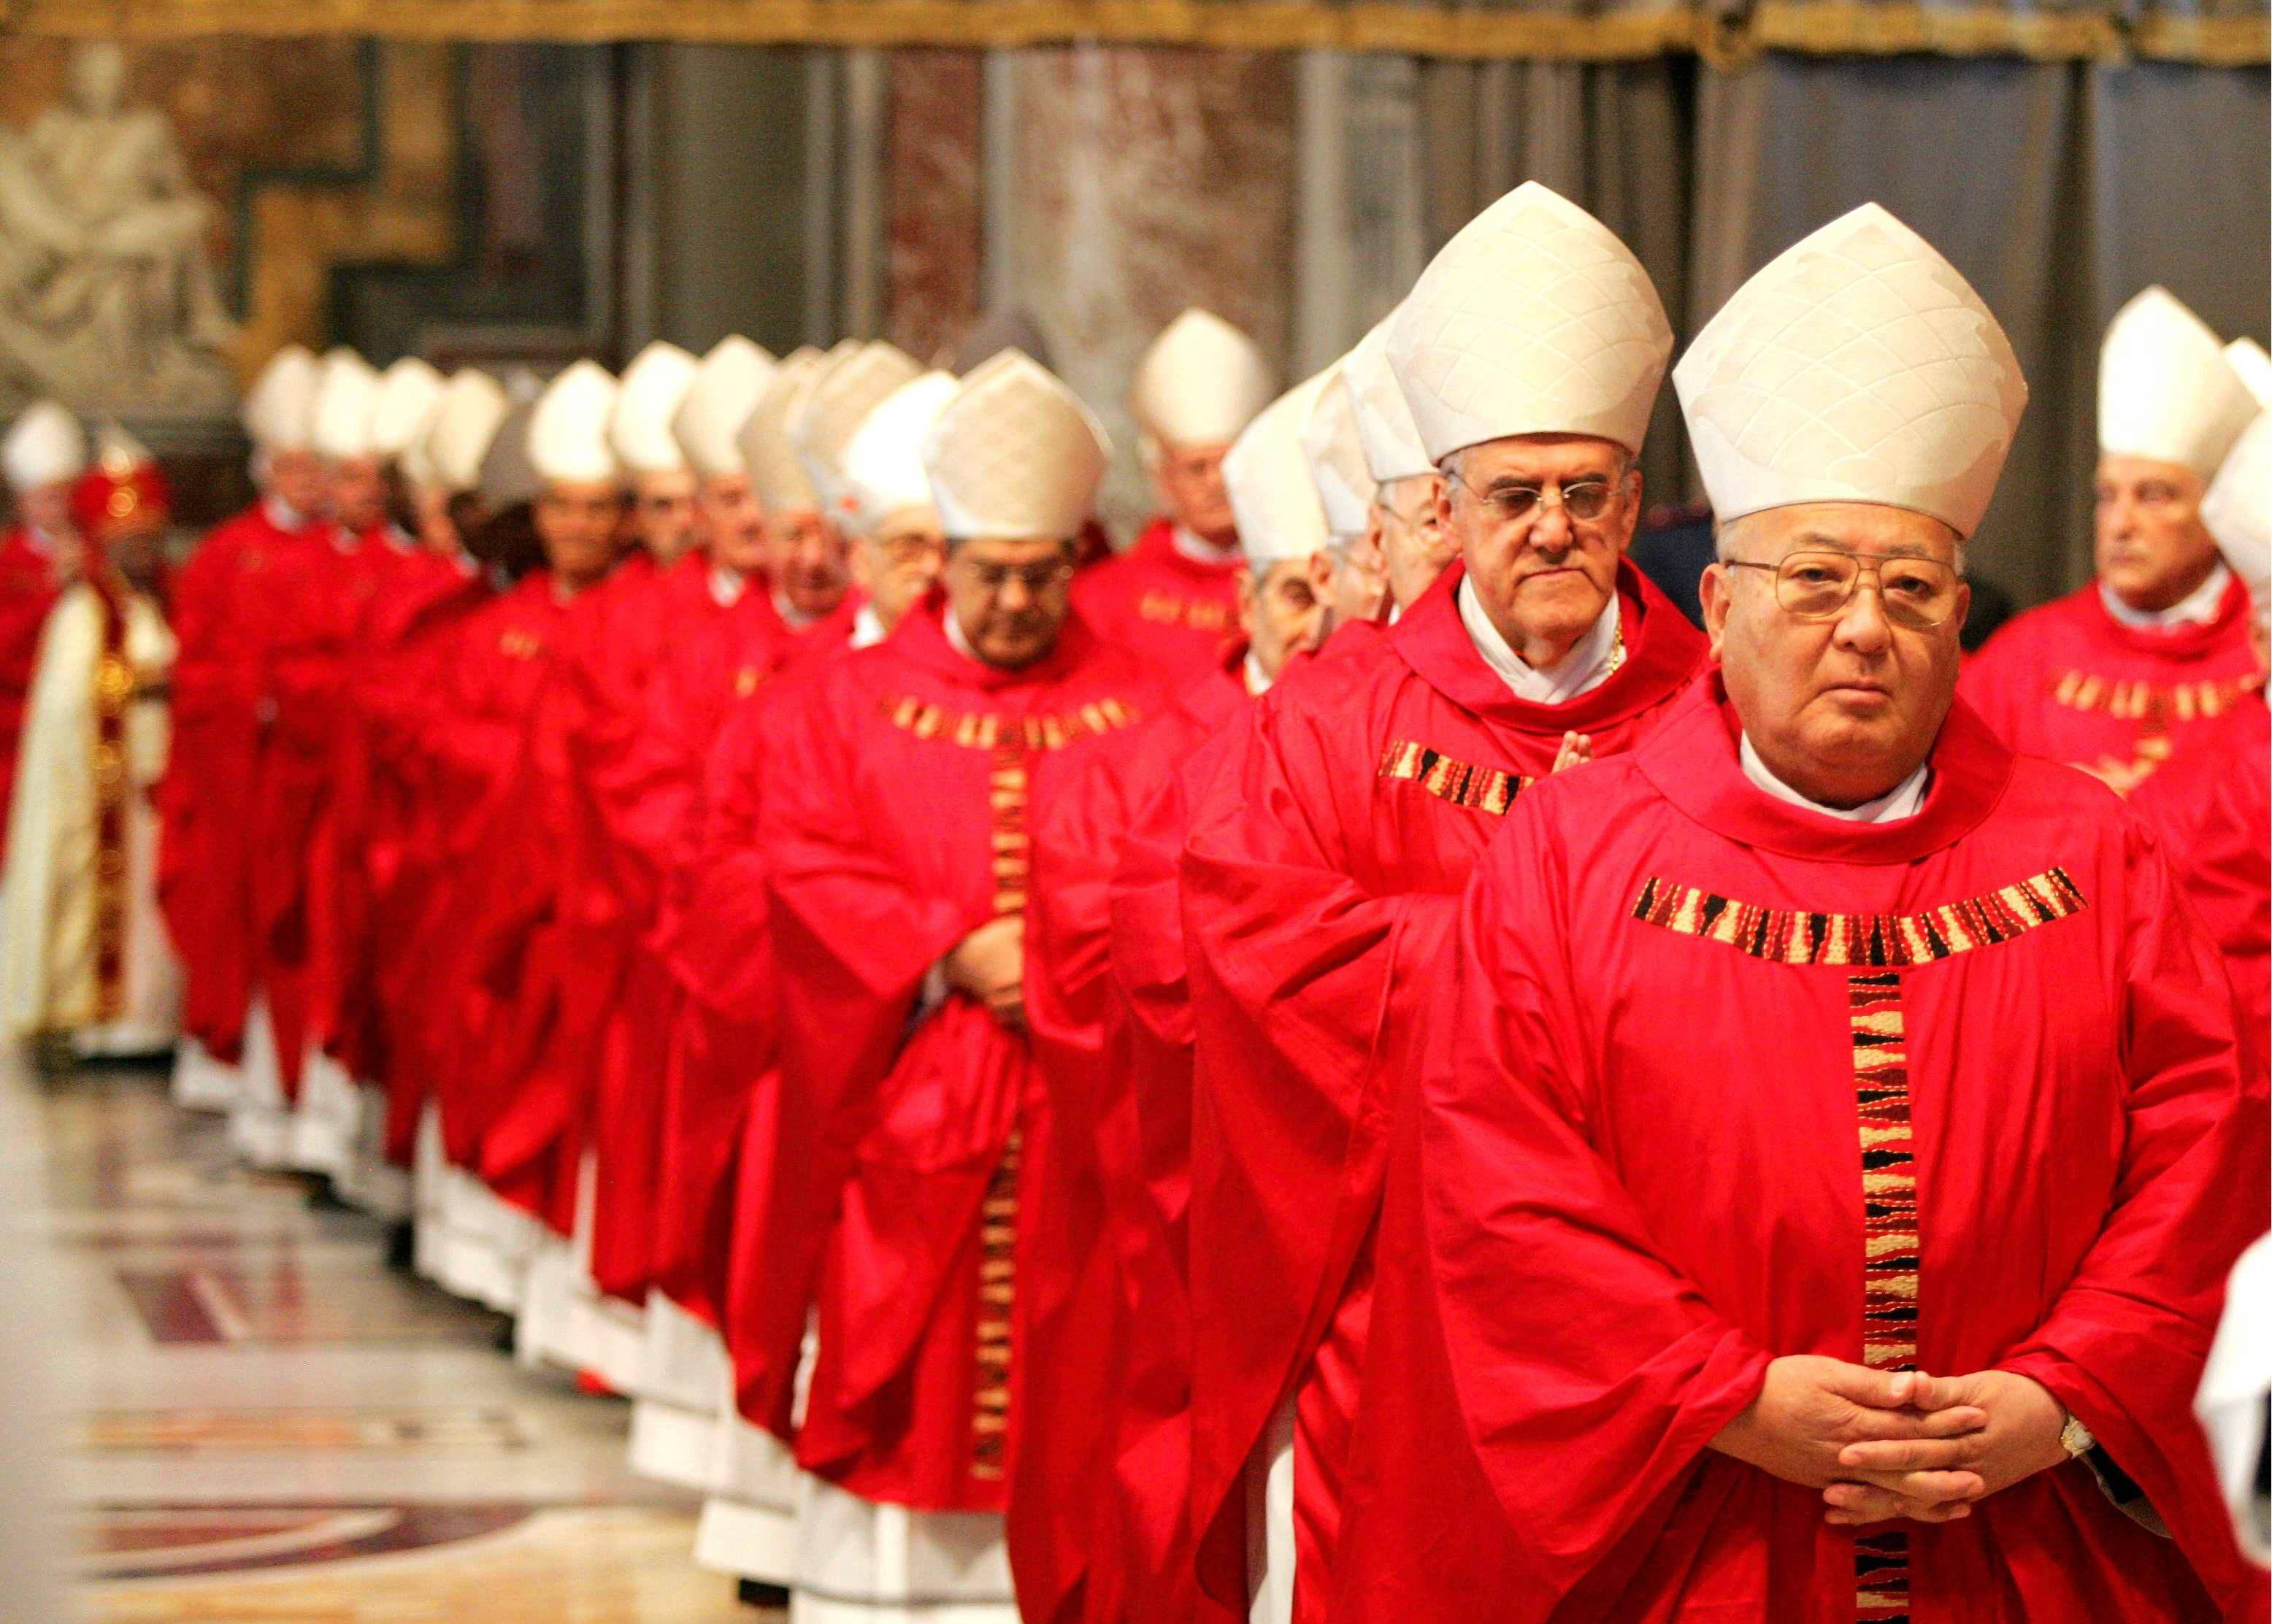 Msza rozpoczynająca konklawe - procesja kardynałów (fot. Kuba Atys / Agencja Gazeta)